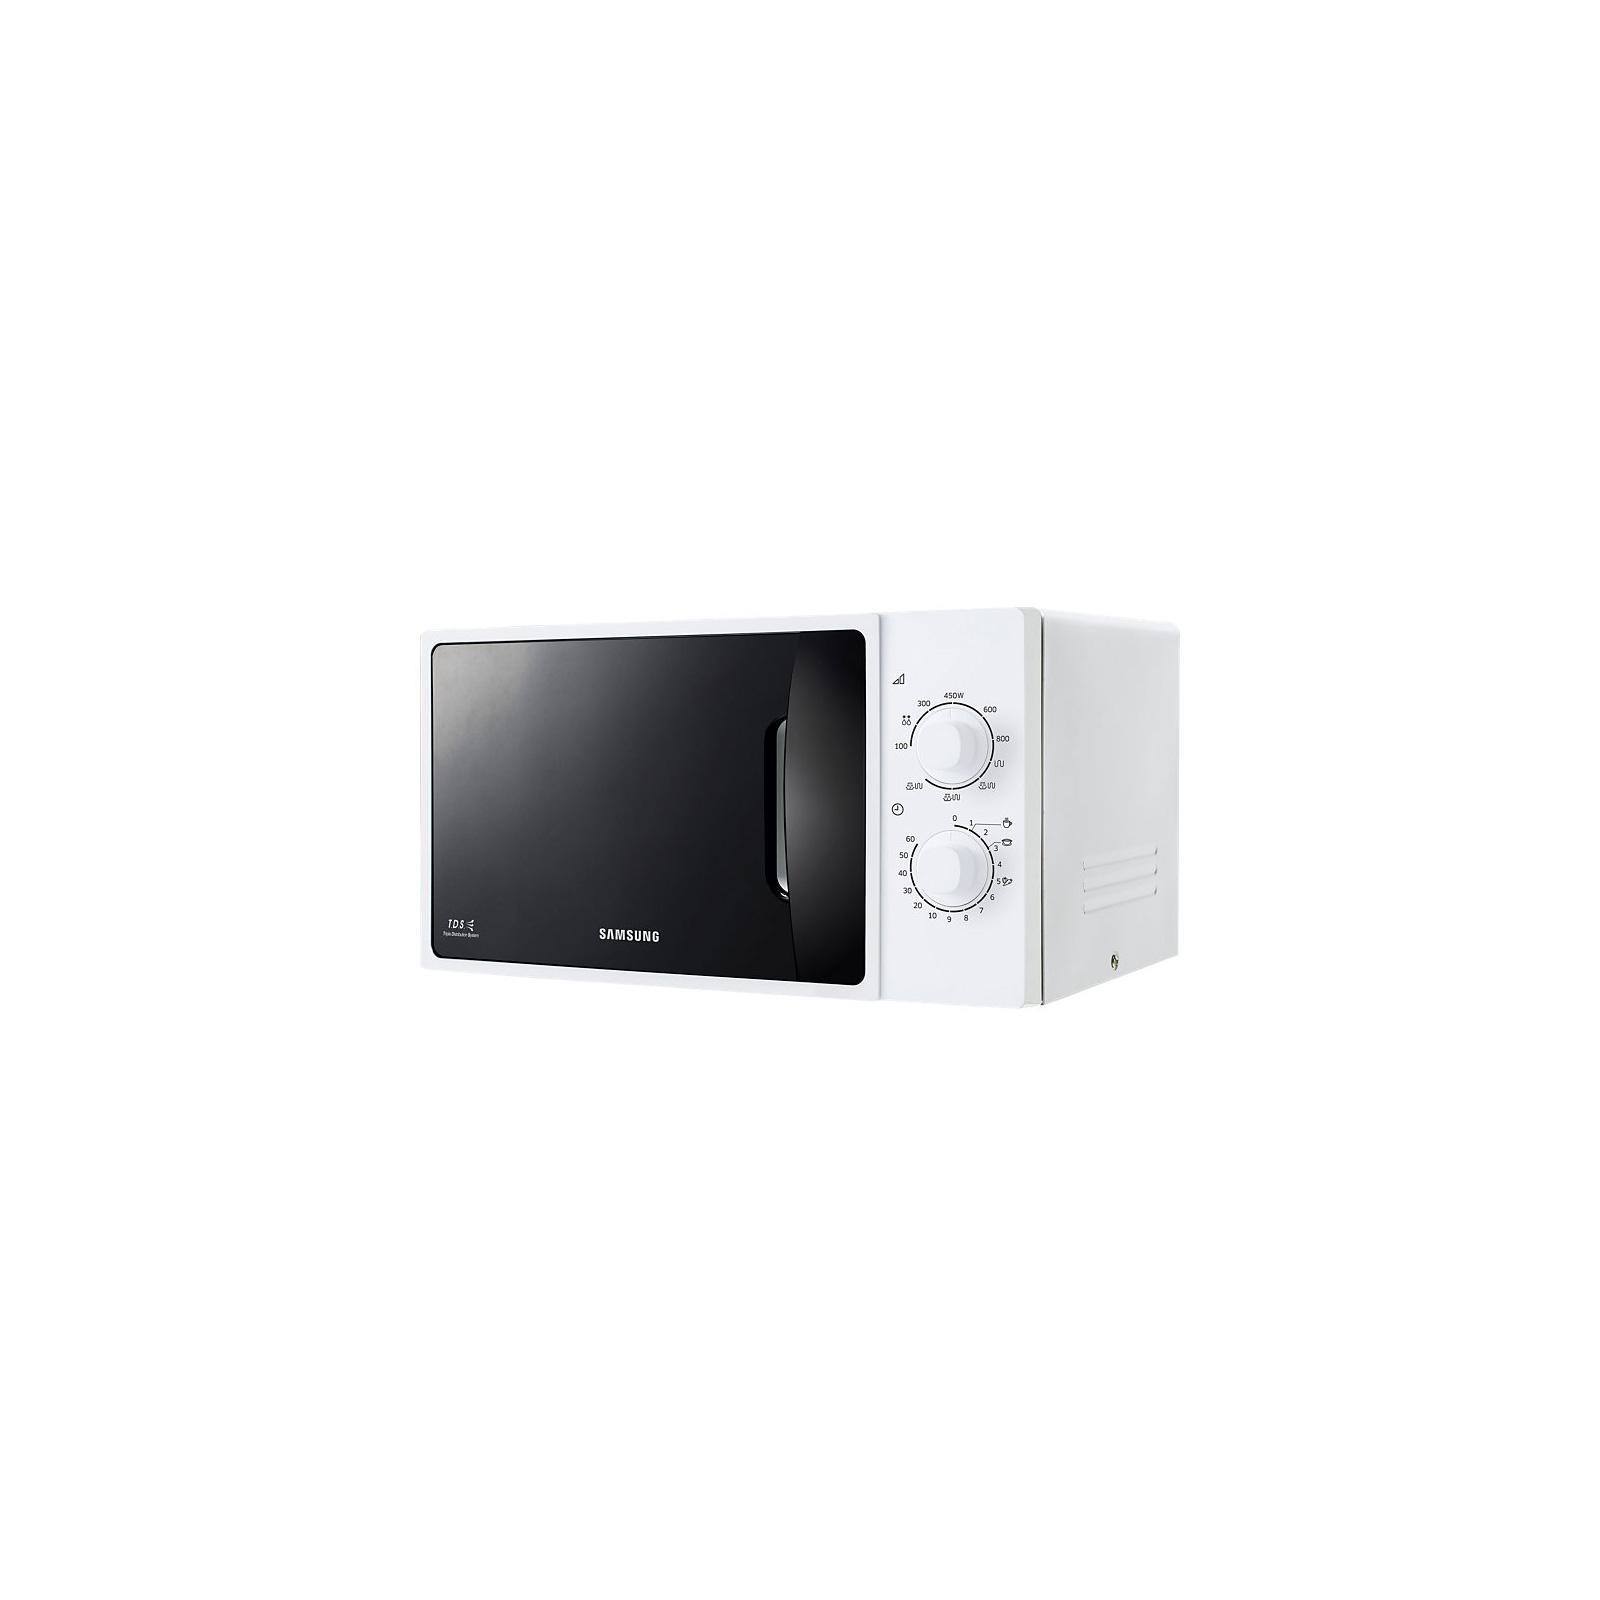 Микроволновая печь Samsung GE 81 ARW/BW (GE81ARW/BW) изображение 3